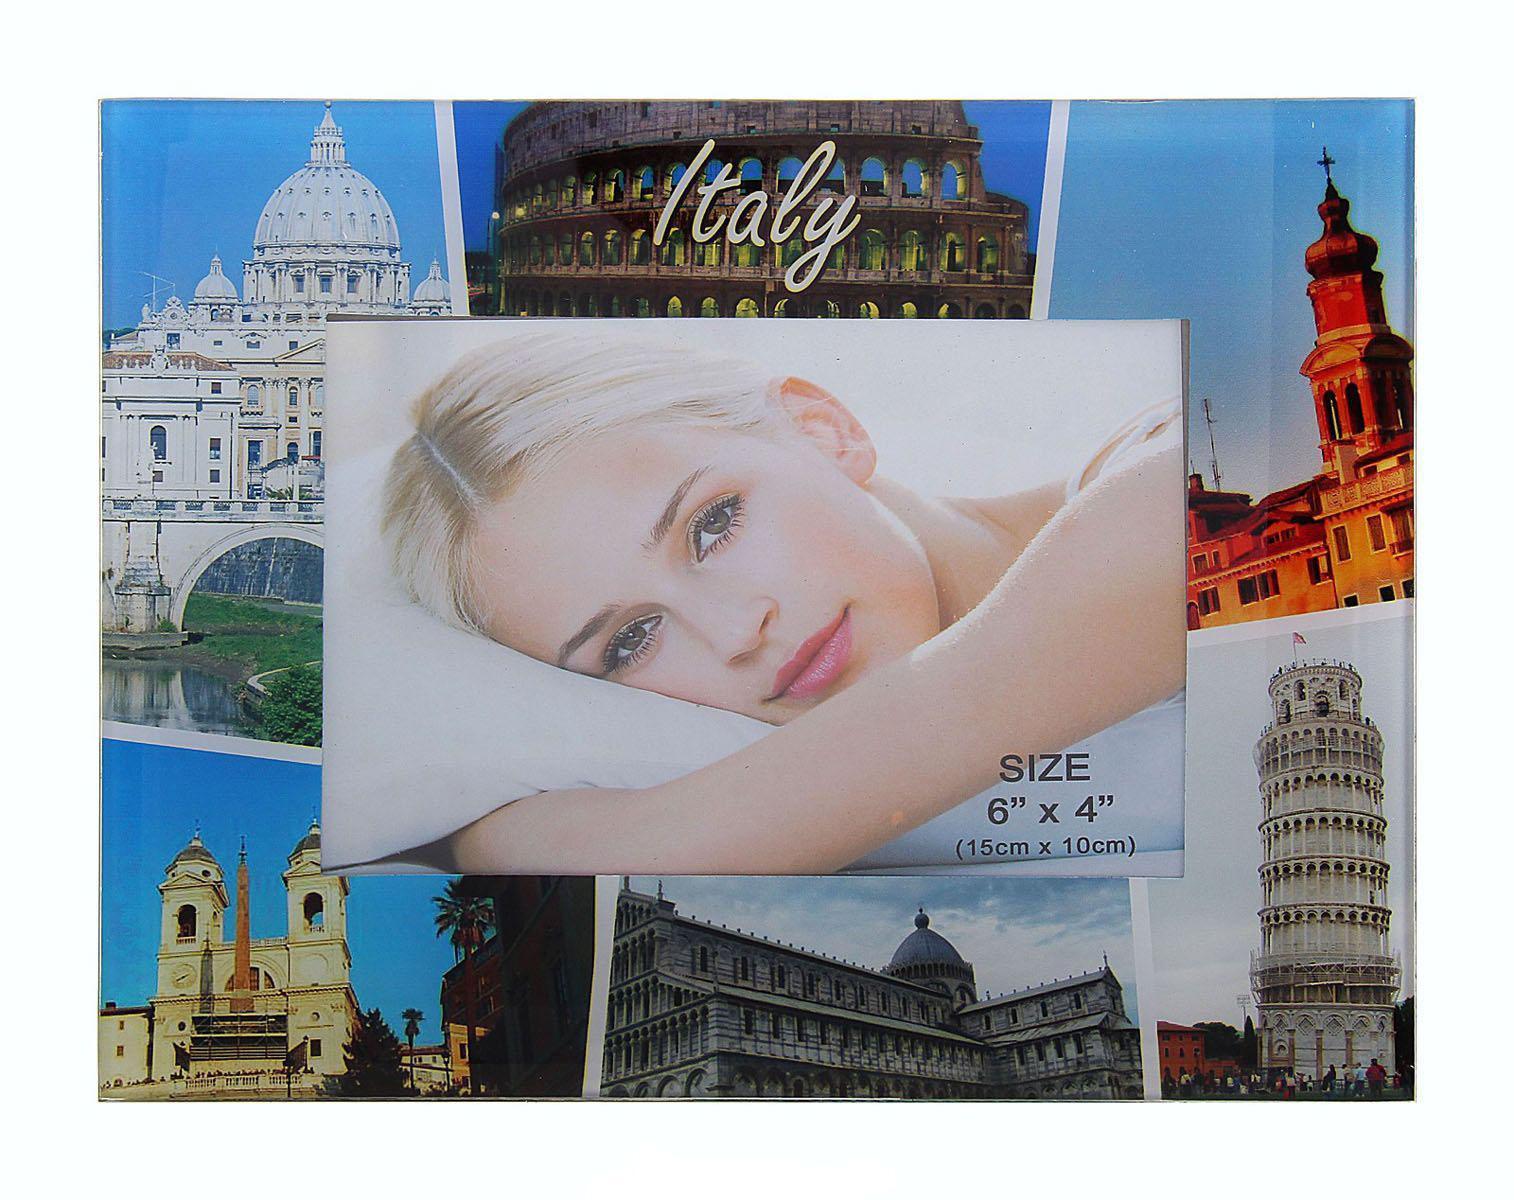 Фоторамка Sima-land Italy, 10 х 15 см763502Фоторамка Sima-land Italy - прекрасный выбор для тех, кто хочет сделать запоминающийся презент родным и близким. Поможет создать атмосферу праздника. Такой подарок запомнится надолго. В нем прекрасно сочетаются цена и качество.